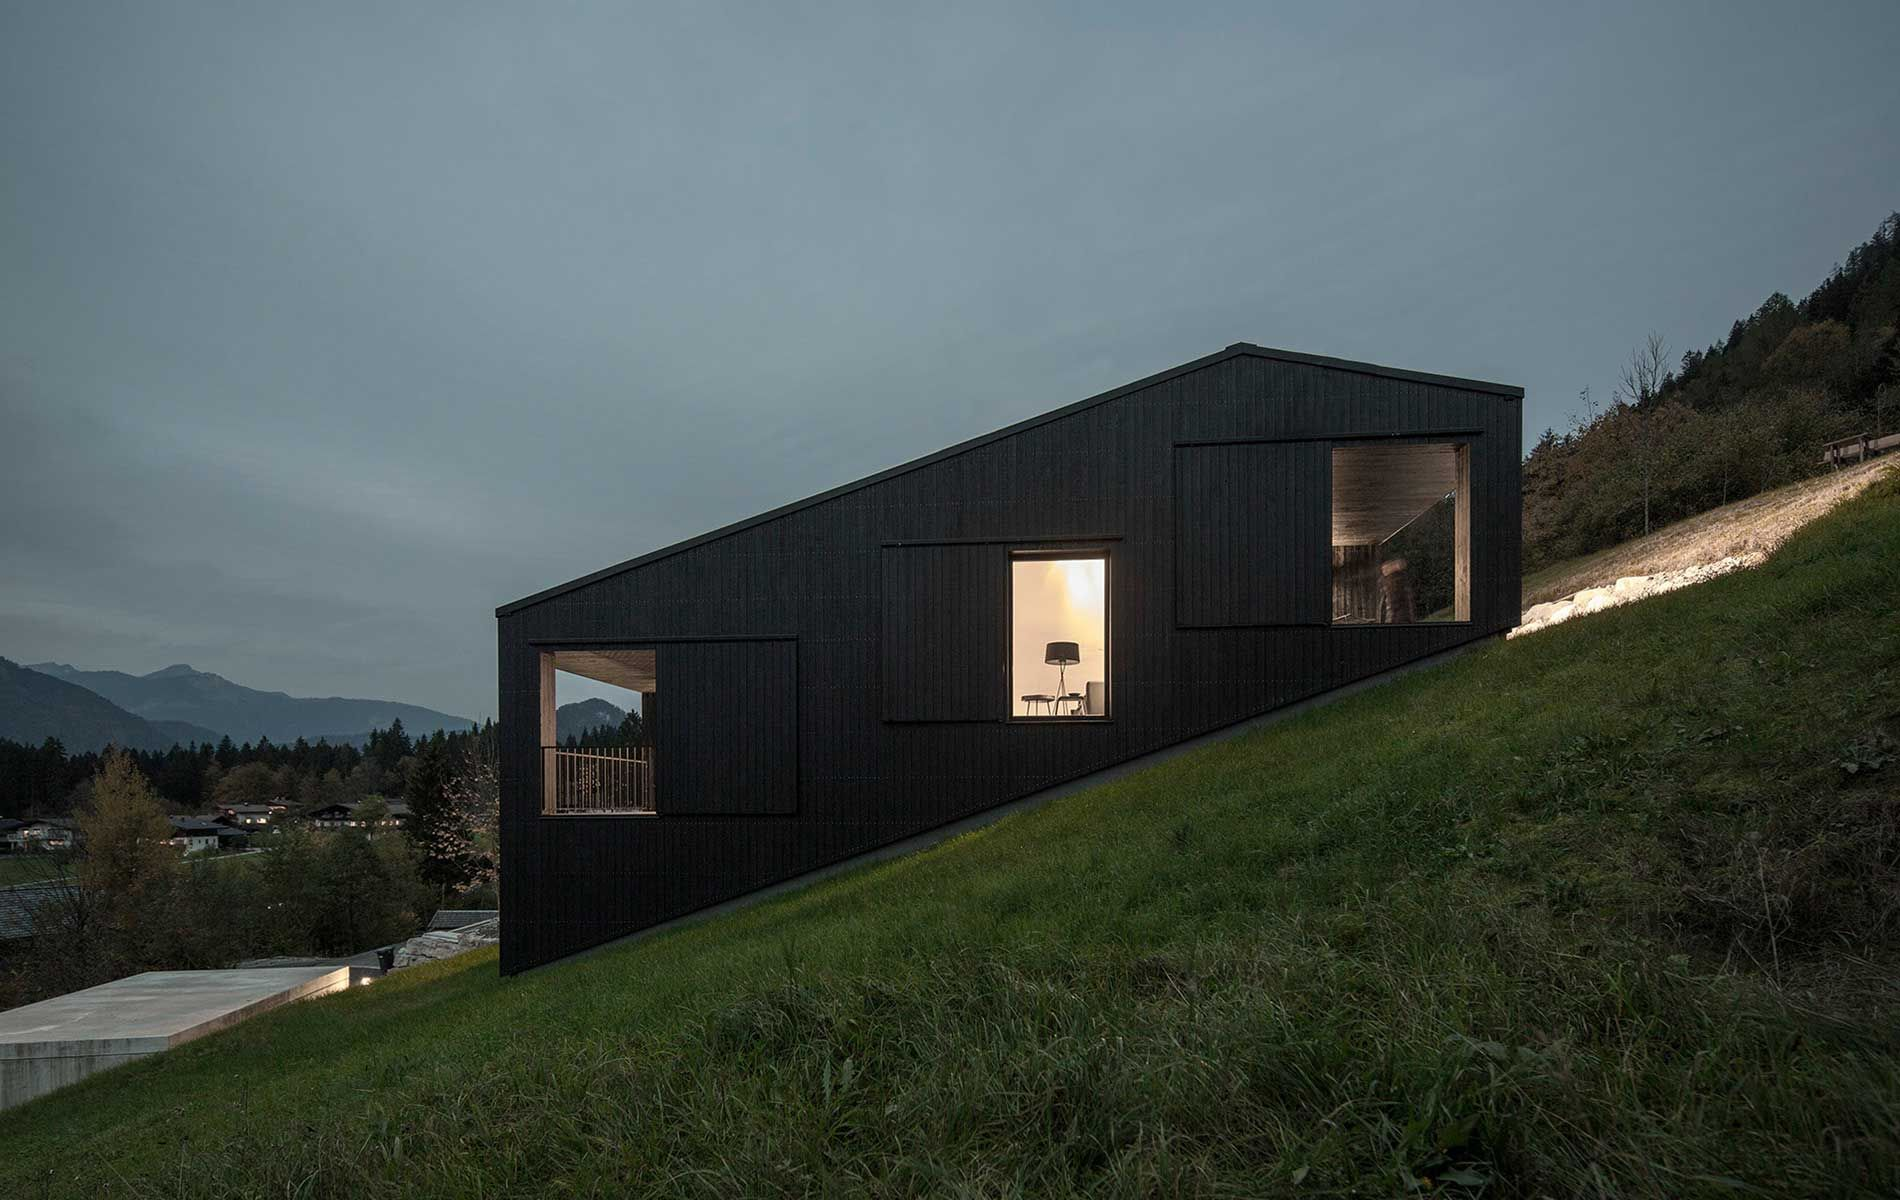 Wohnhaus holzhaus modern was wir bauen meiberger for Holzhaus architektur